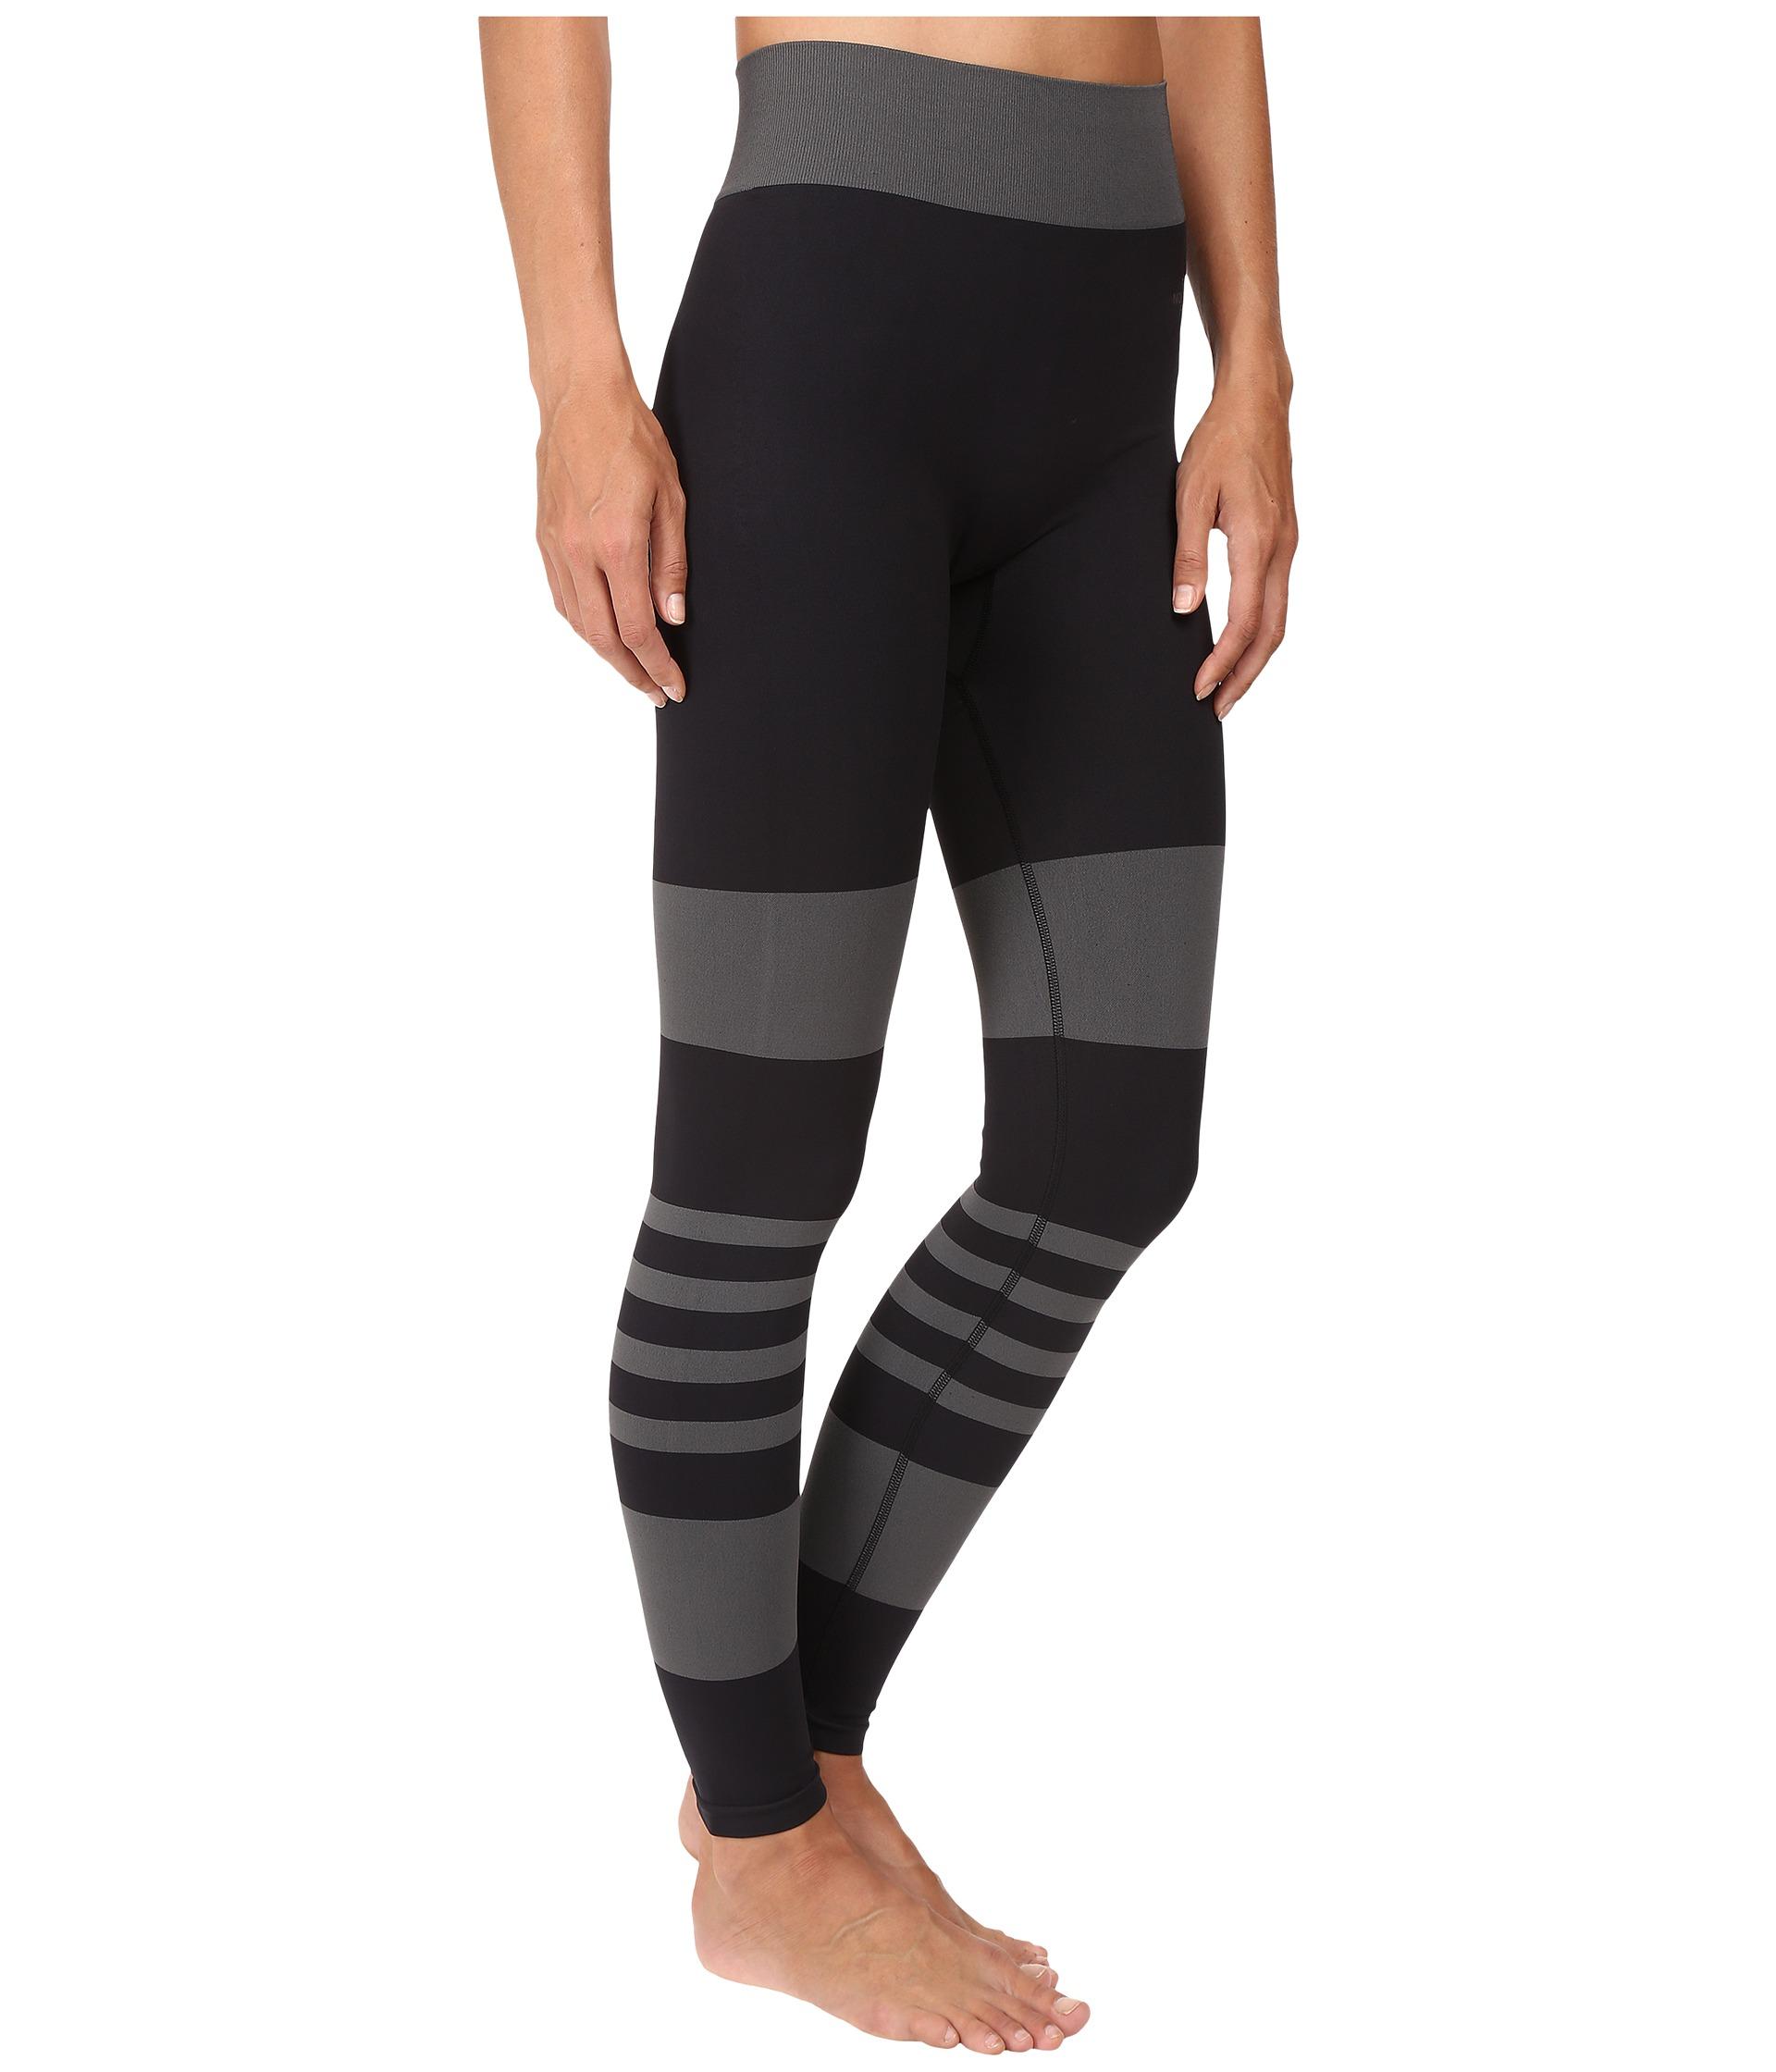 Uggs Yoga Pants